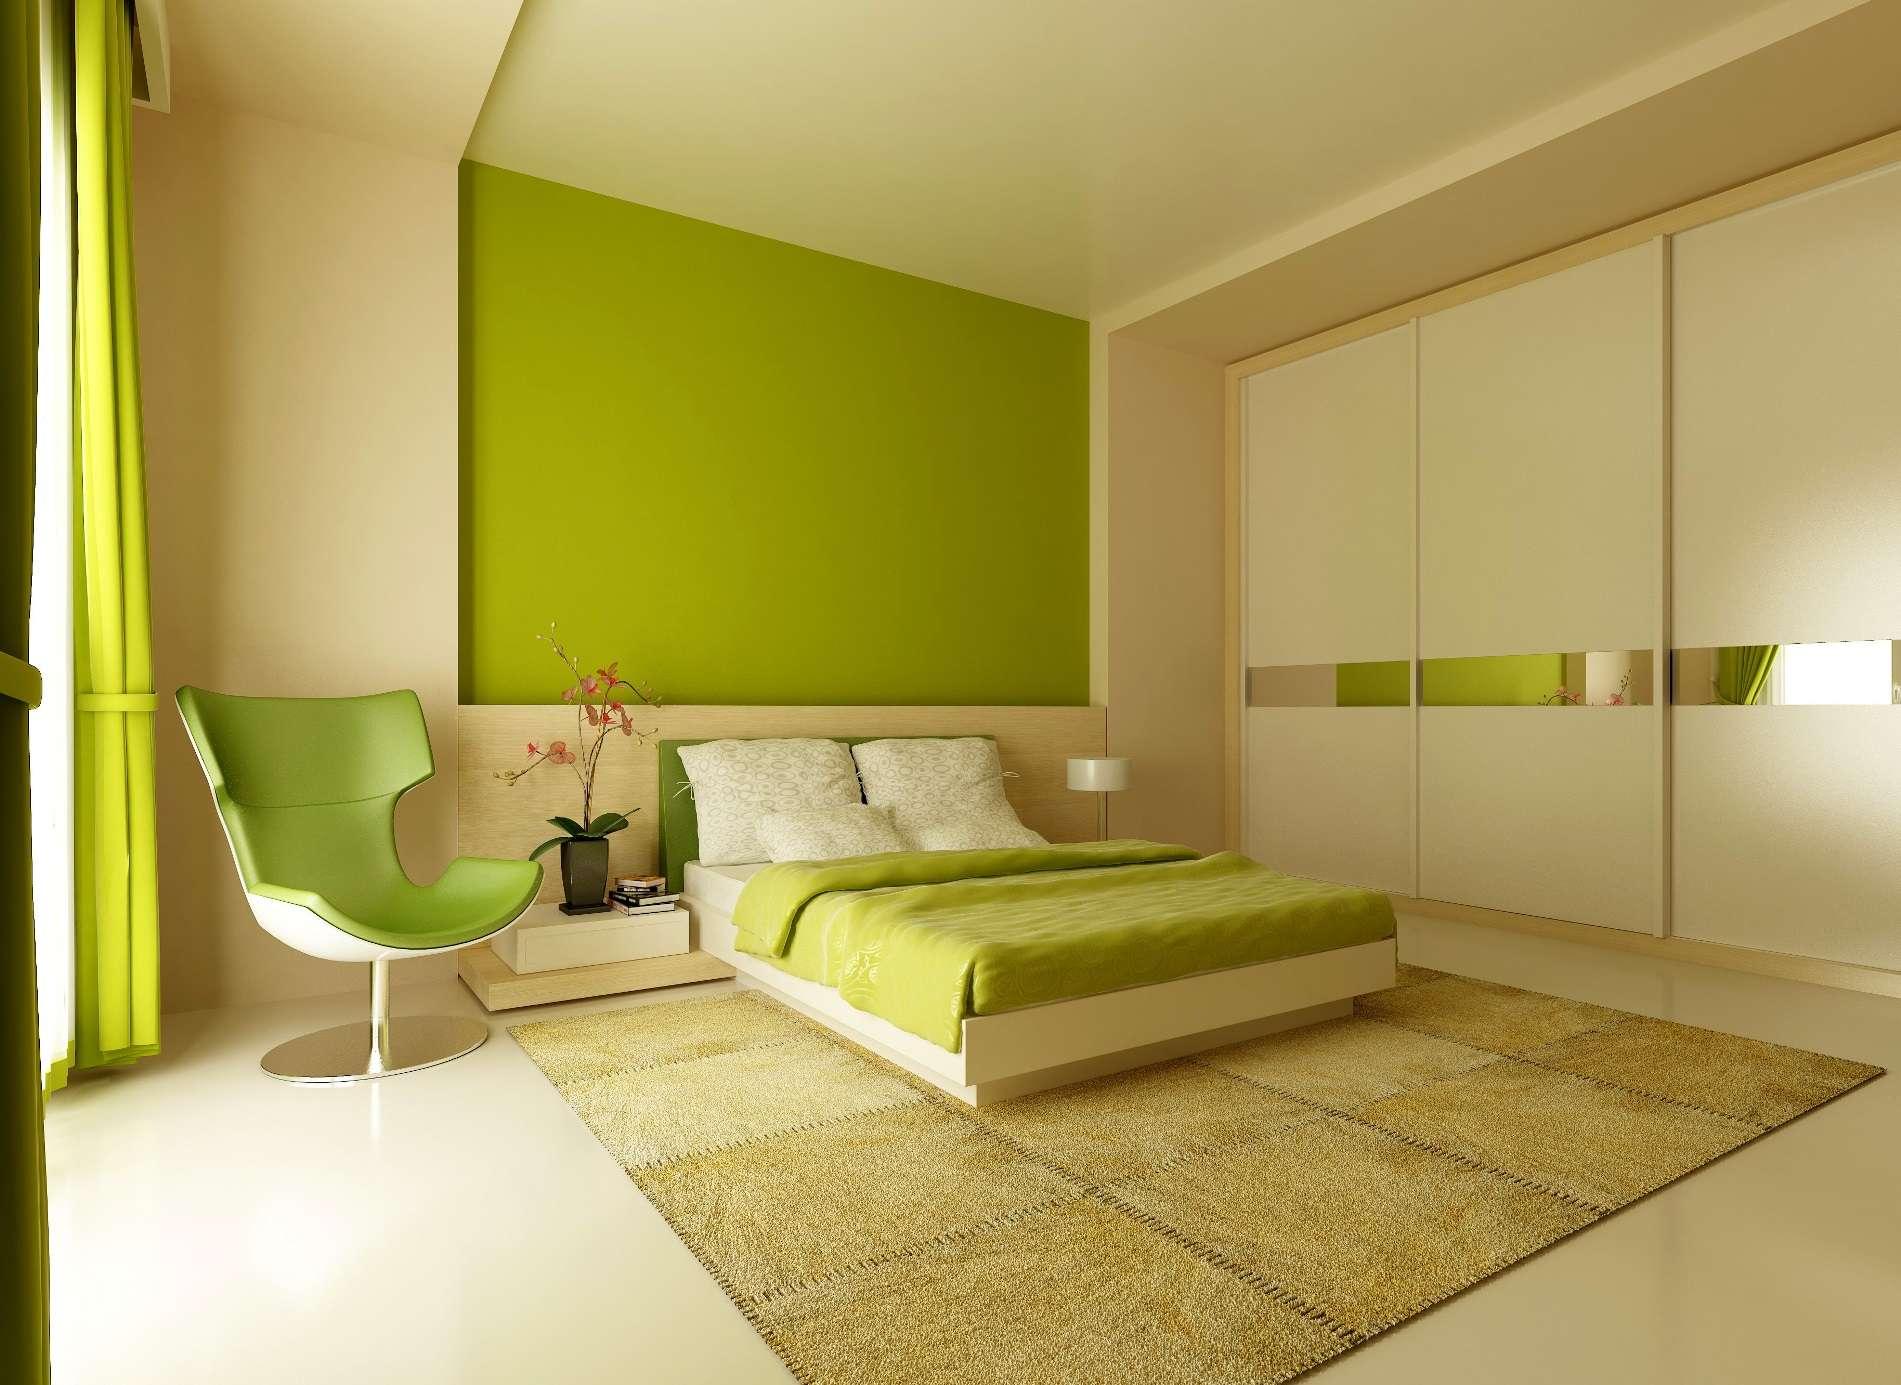 Gardróbszekrény hálószobába bútorlappal és tükör osztással